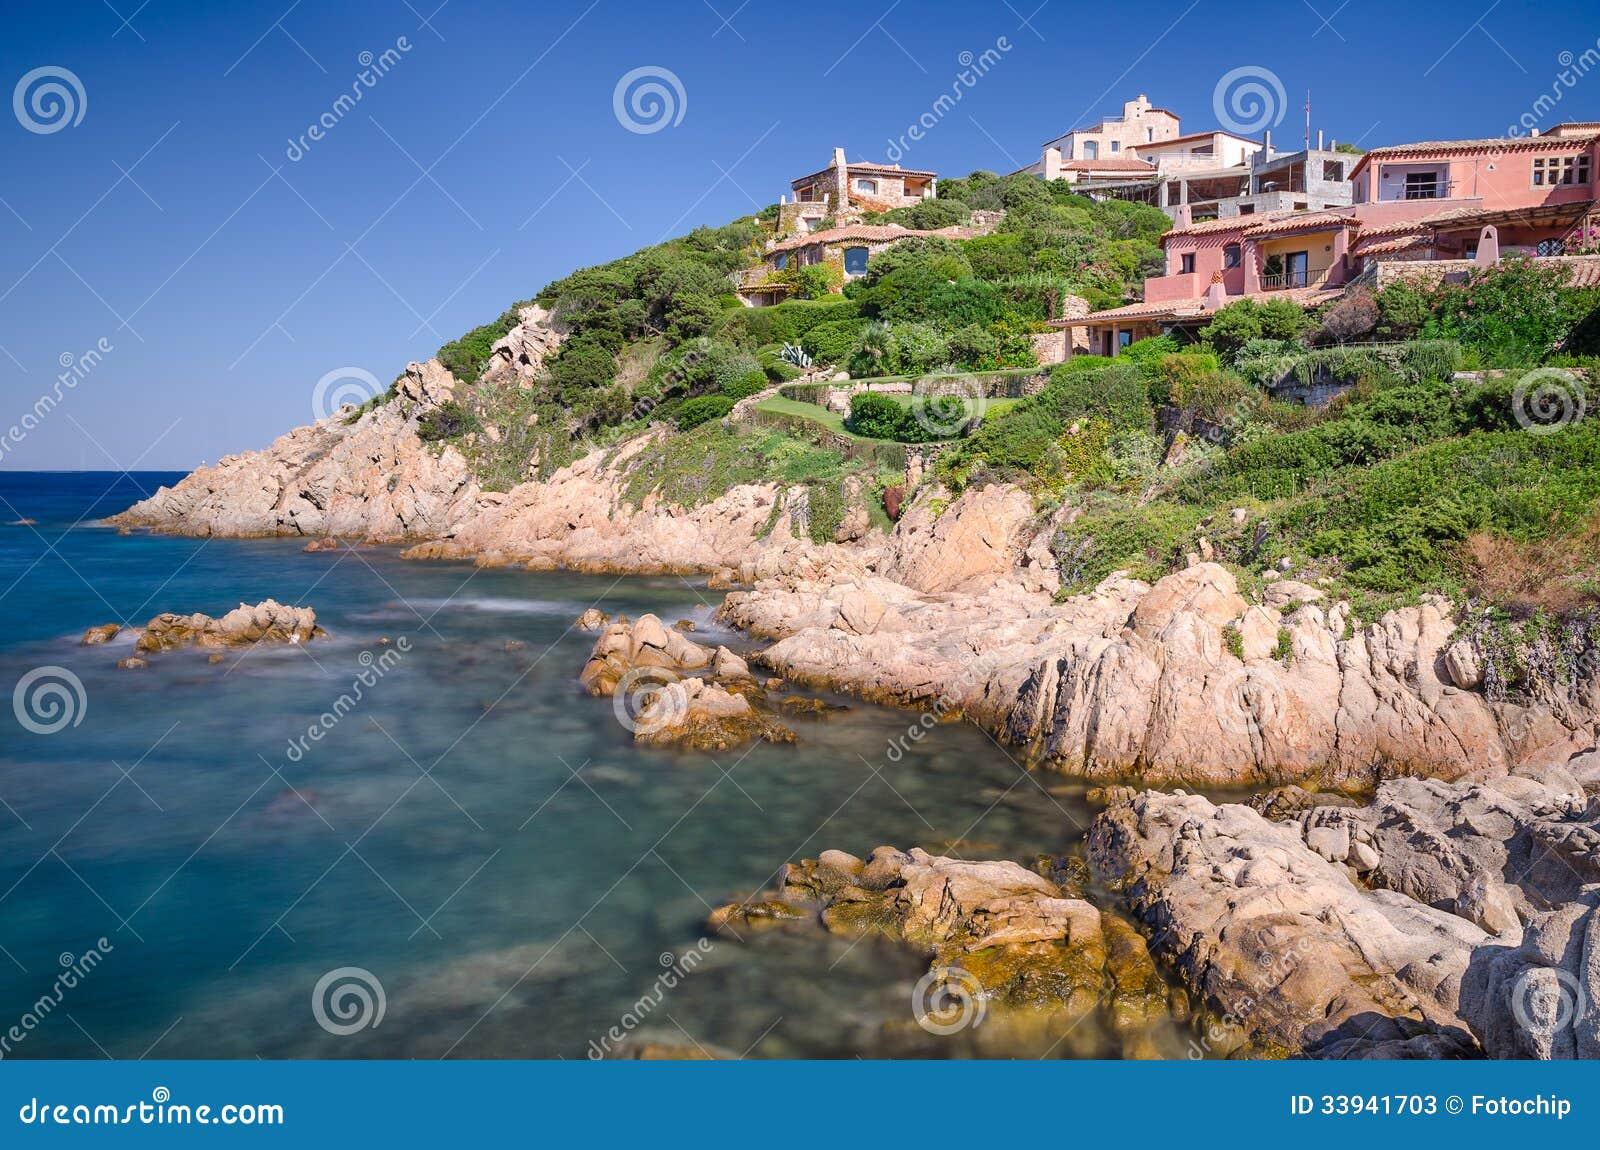 Porto Cervo, Sardinige